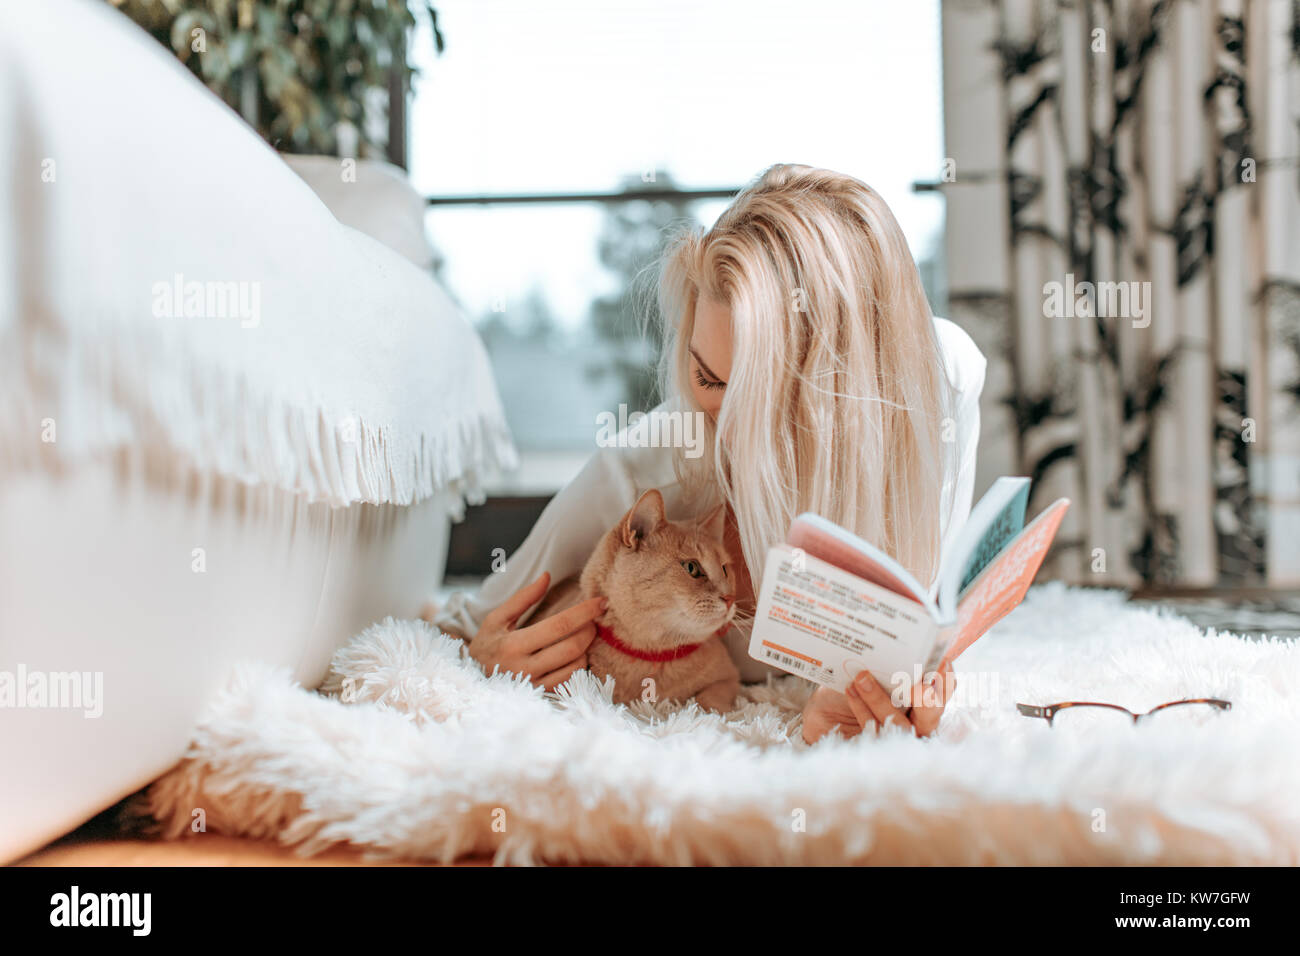 Schöne junge blonde Studentin studieren oder lesen ein faszinierendes Buch Roman, auf Ihr weiß, leder Stockbild